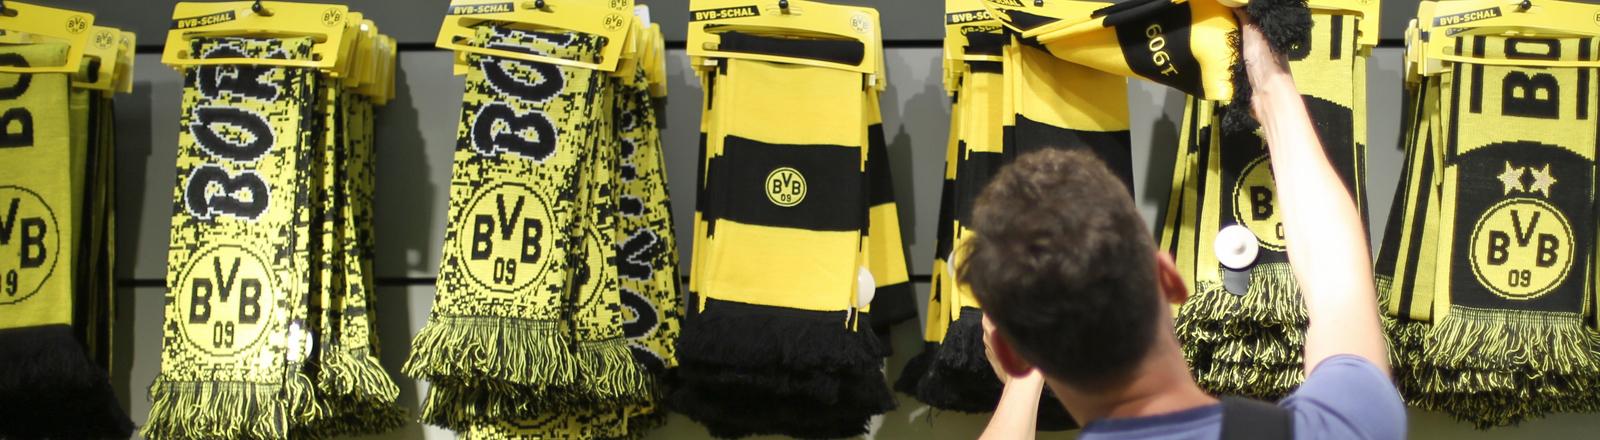 Fanartikel von Borussia Dortmund.